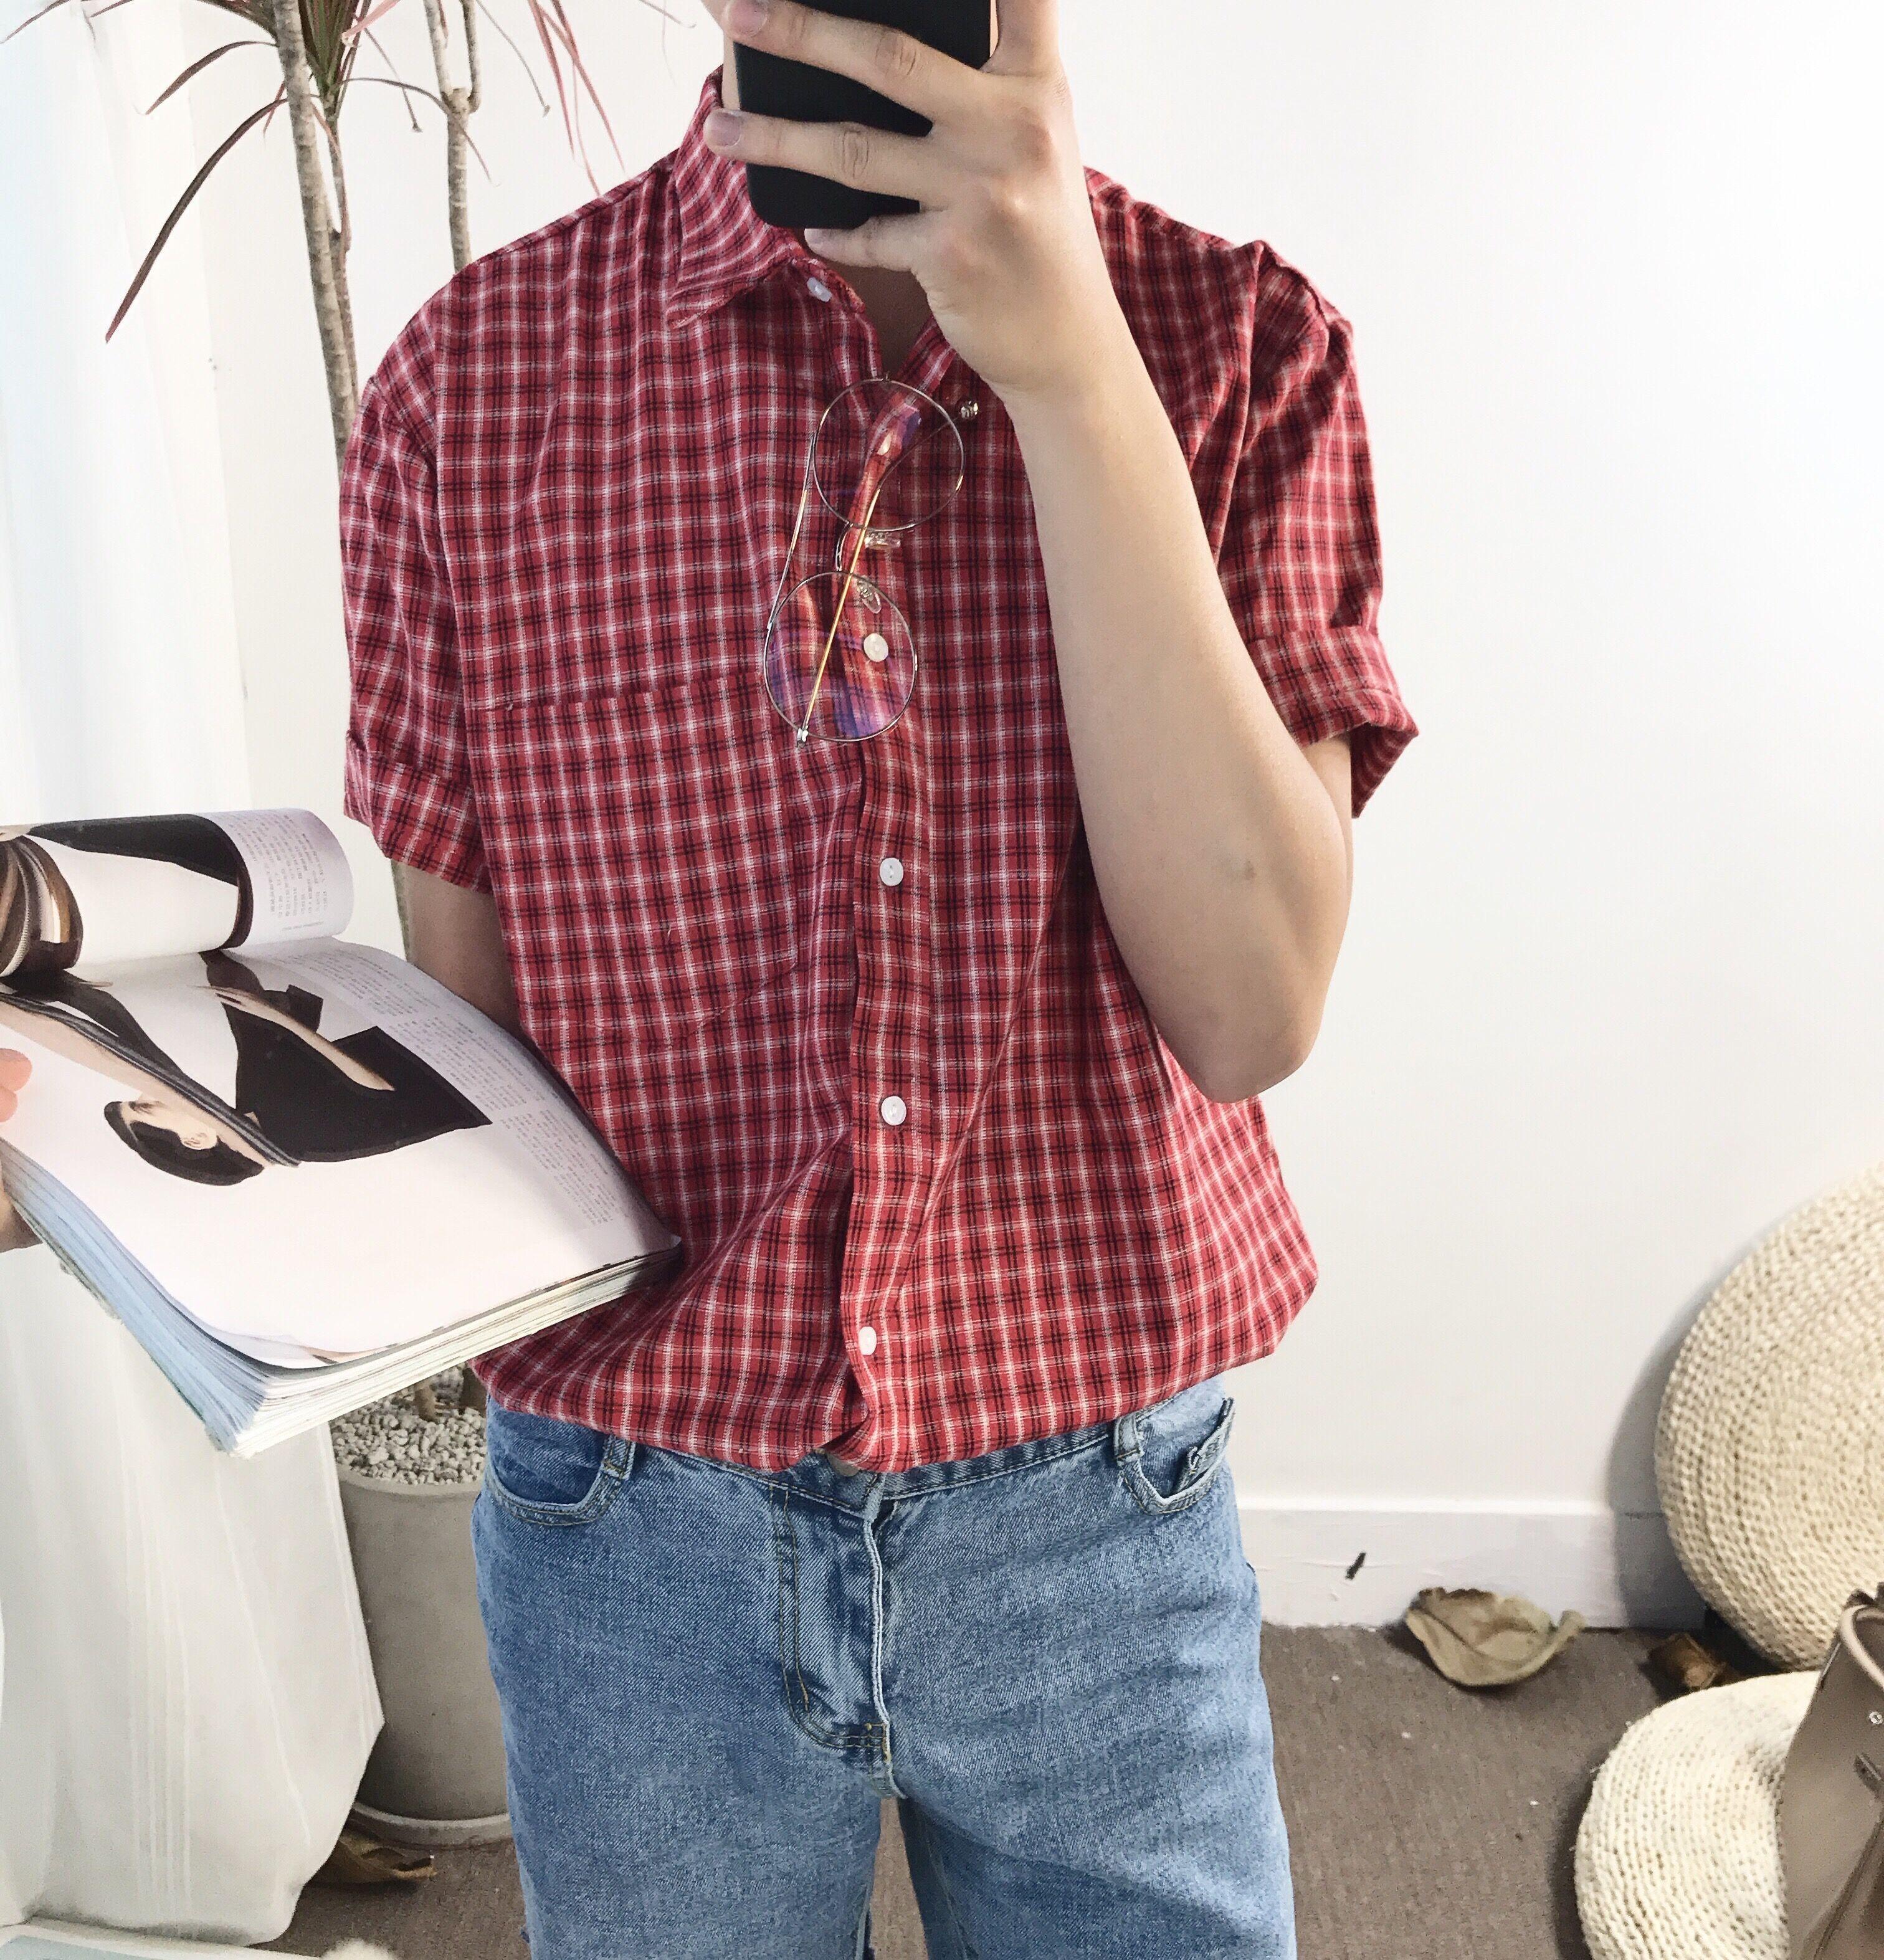 阿茶与阿古红格子文艺复古风短袖衬衫